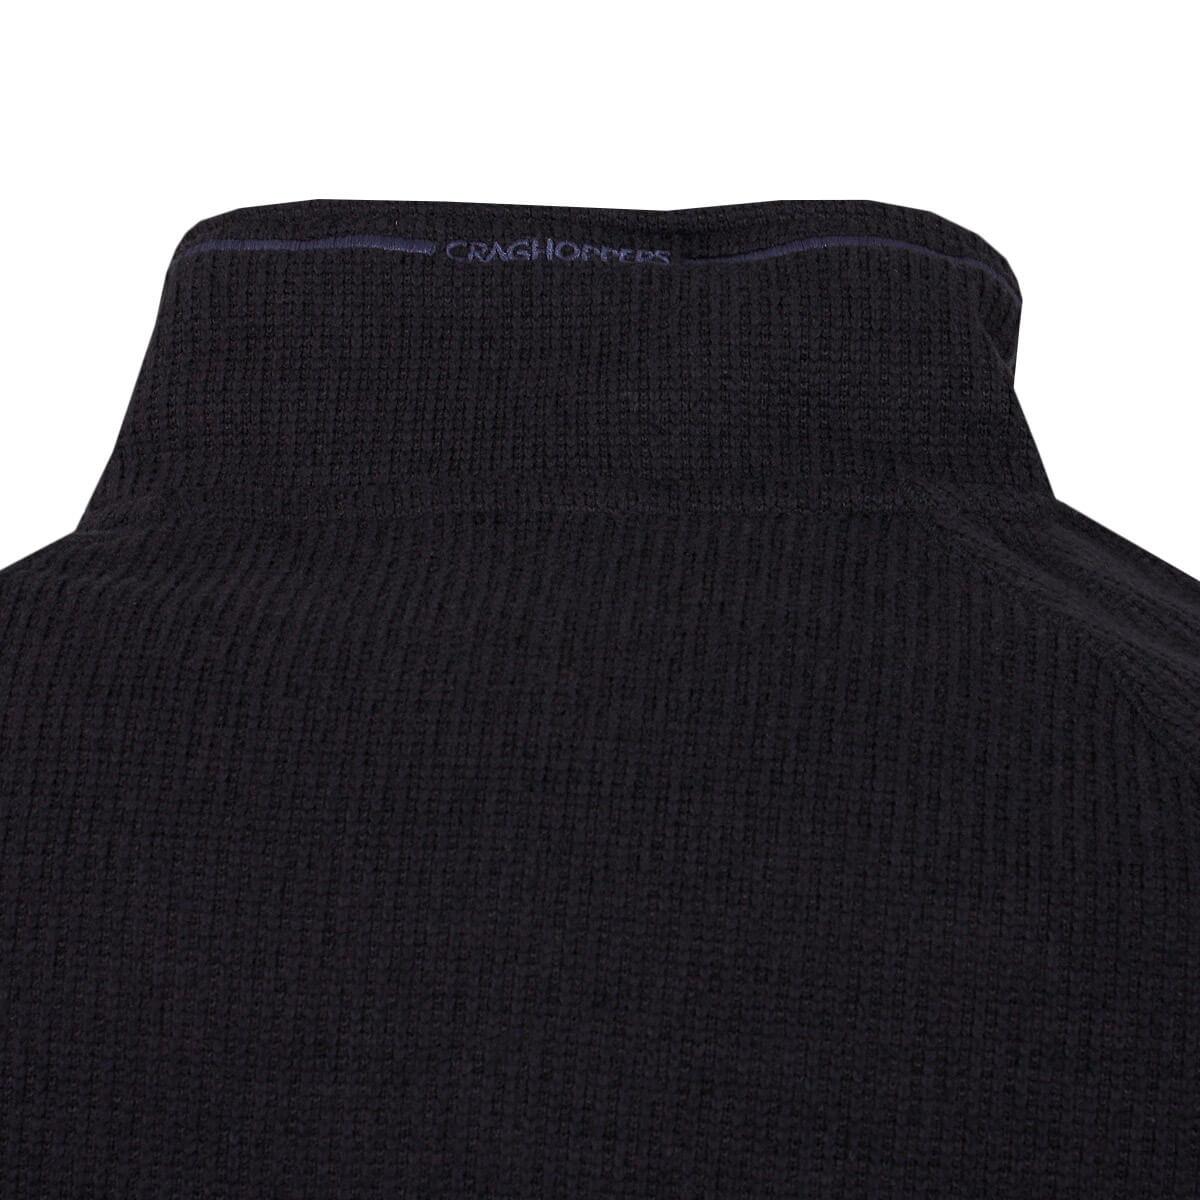 Craghoppers-Mens-Norton-Half-Zip-Fleece-Outdoor-Sweater-Pullover-60-OFF-RRP thumbnail 5